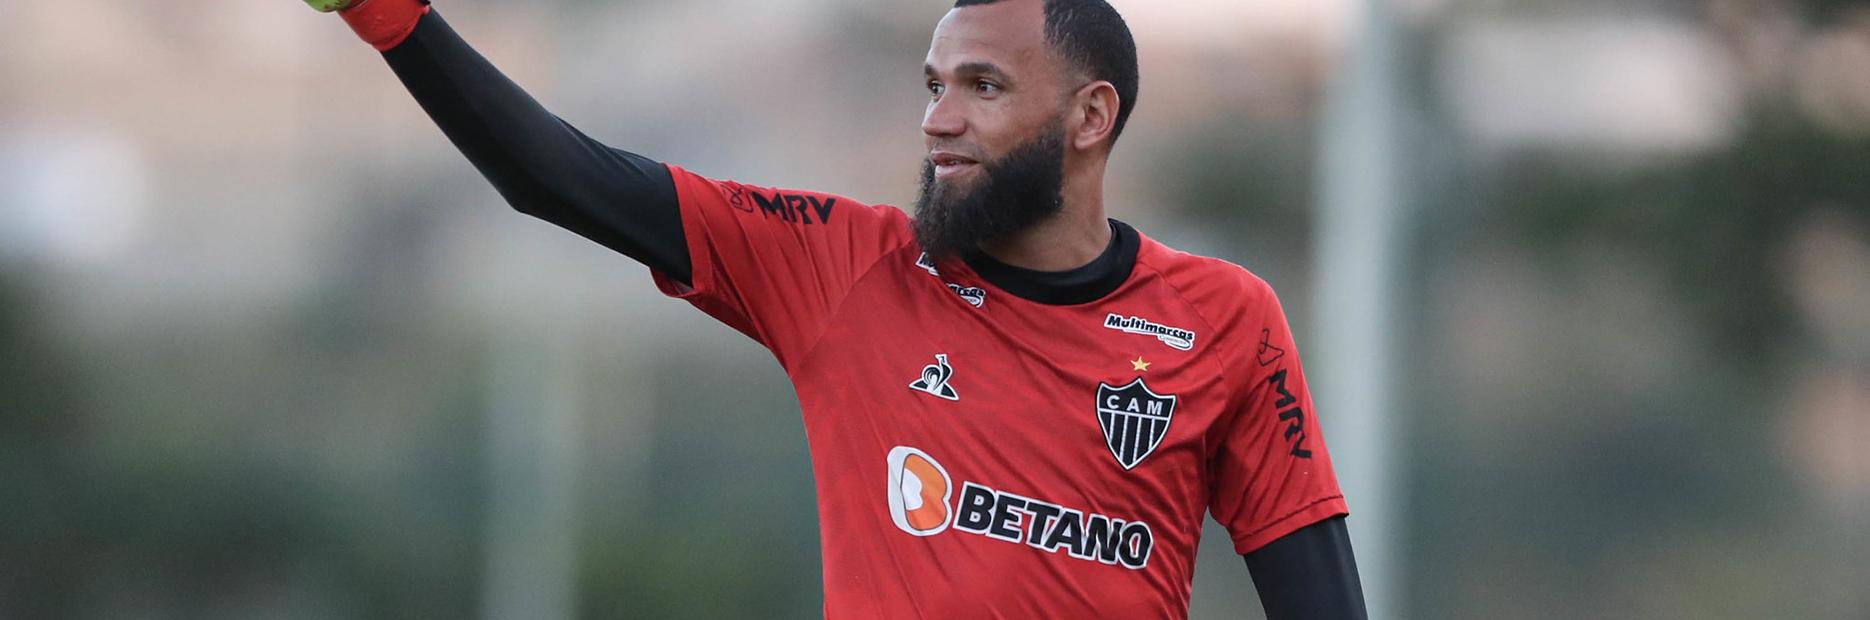 Atlético MG tem como meta ter a primeira colocação na fase classificatória do Campeonato Mineiro